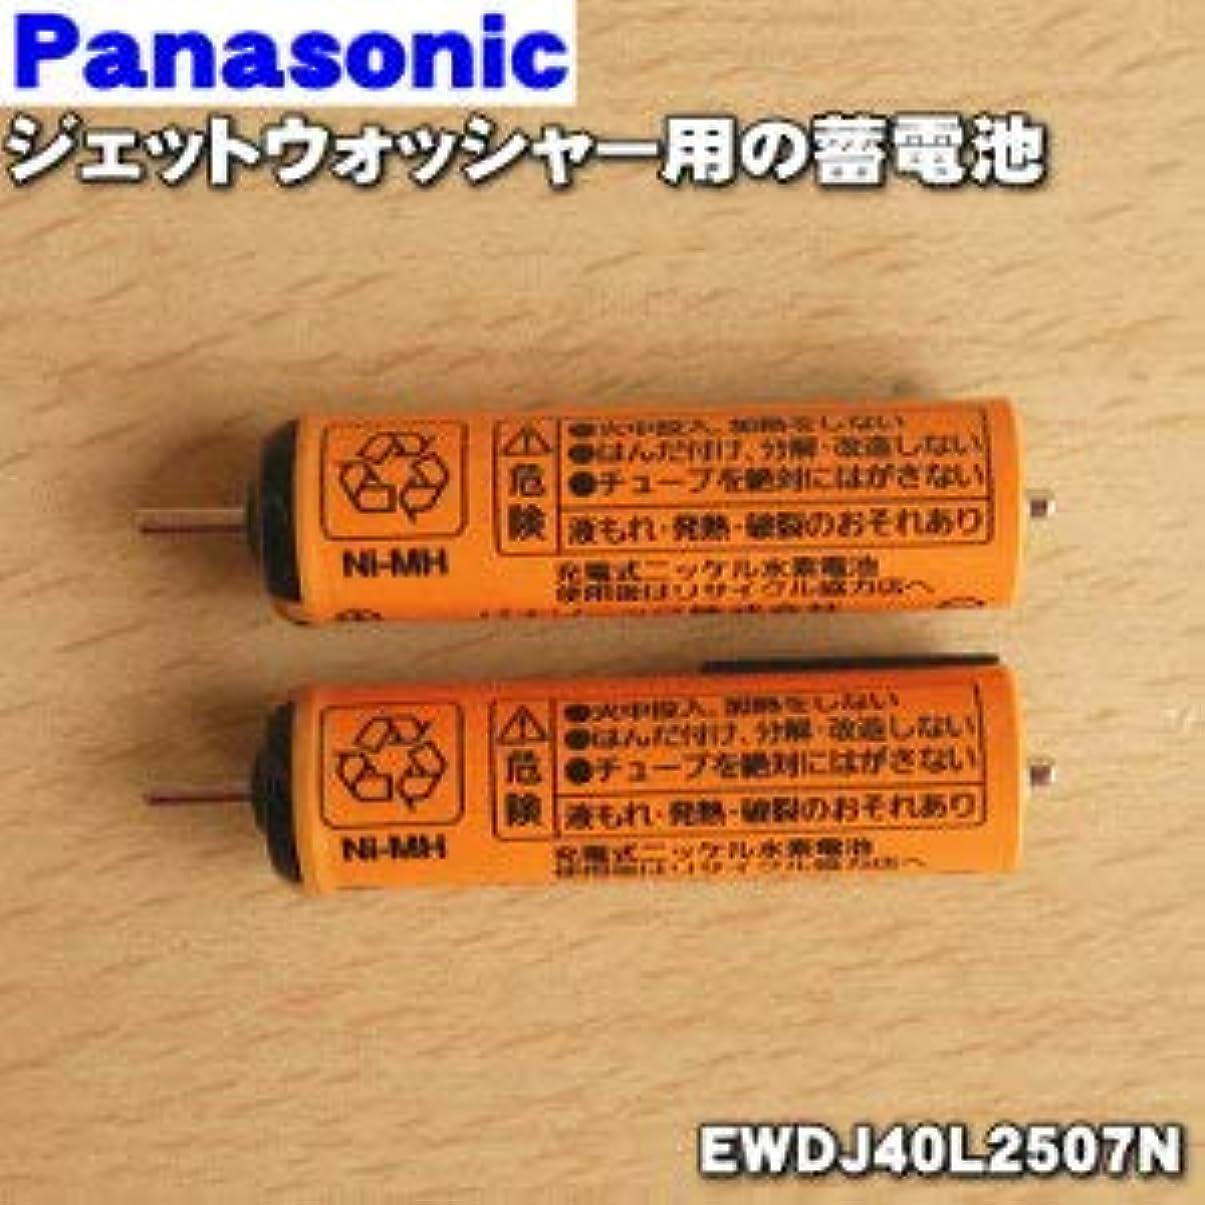 とんでもない手術甘いパナソニック Panasonic 音波振動ハブラシ Doltz 蓄電池交換用蓄電池 EWDJ40L2507N